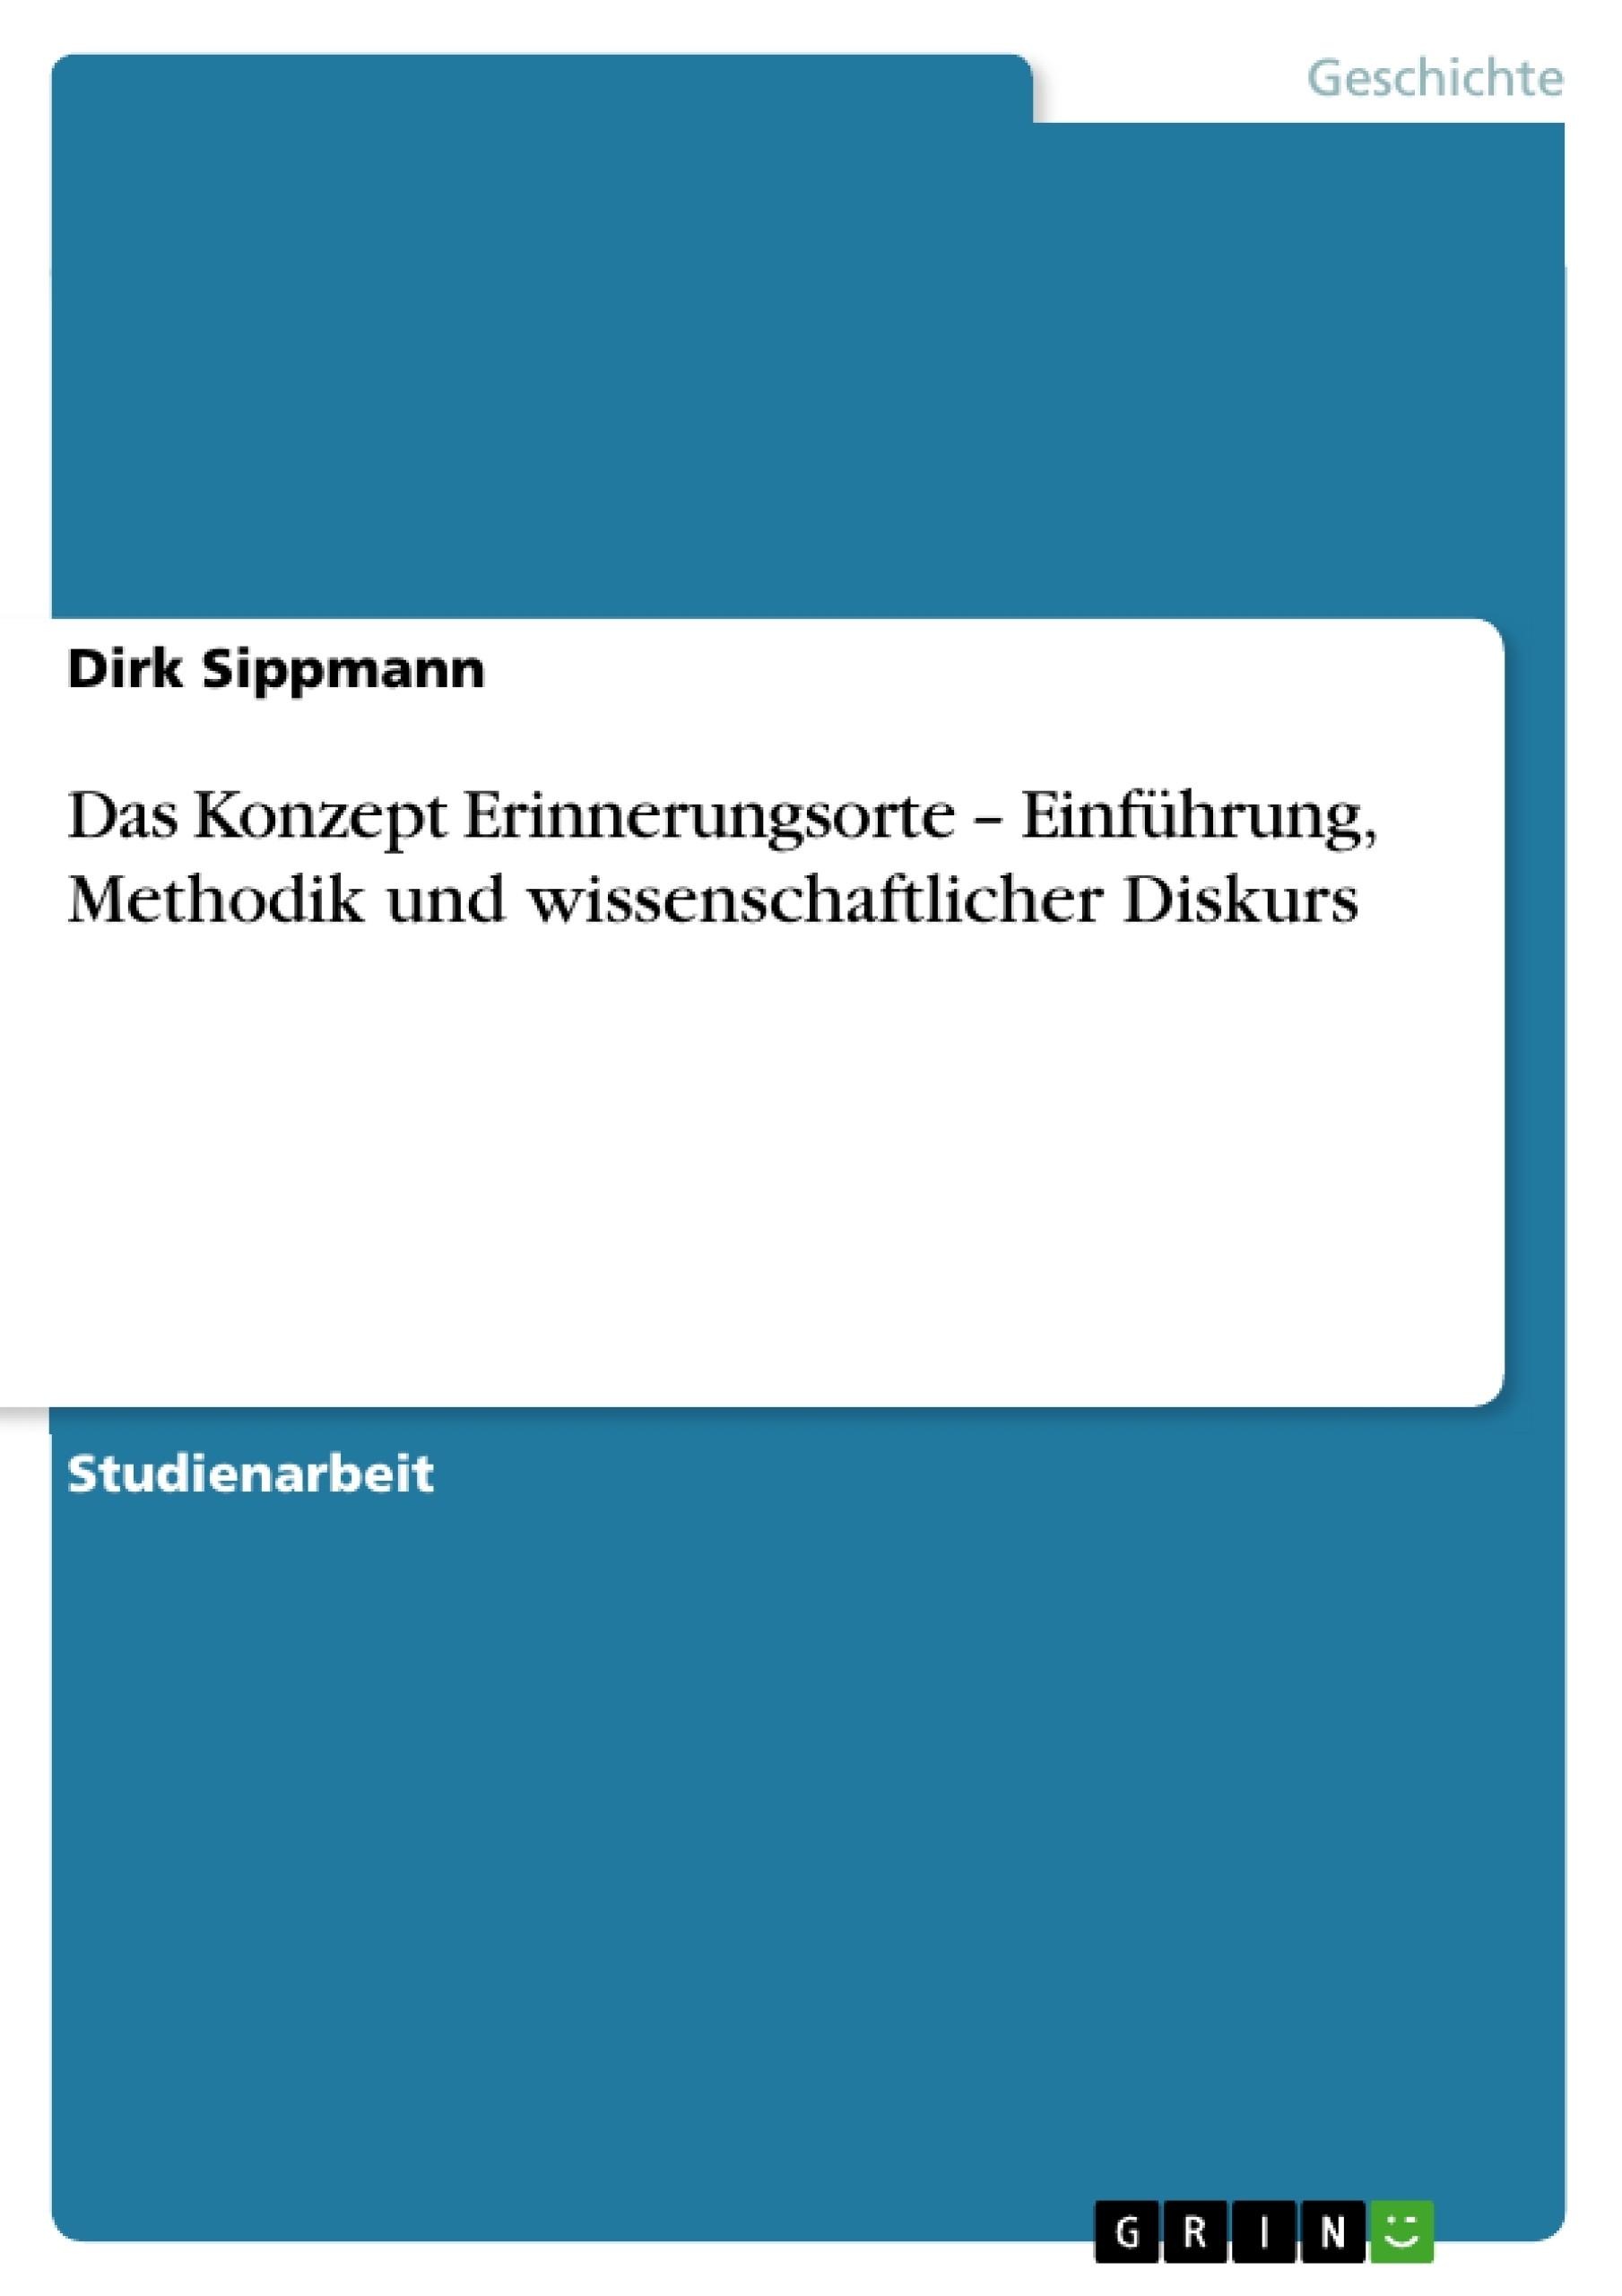 Titel: Das Konzept Erinnerungsorte – Einführung, Methodik und wissenschaftlicher Diskurs